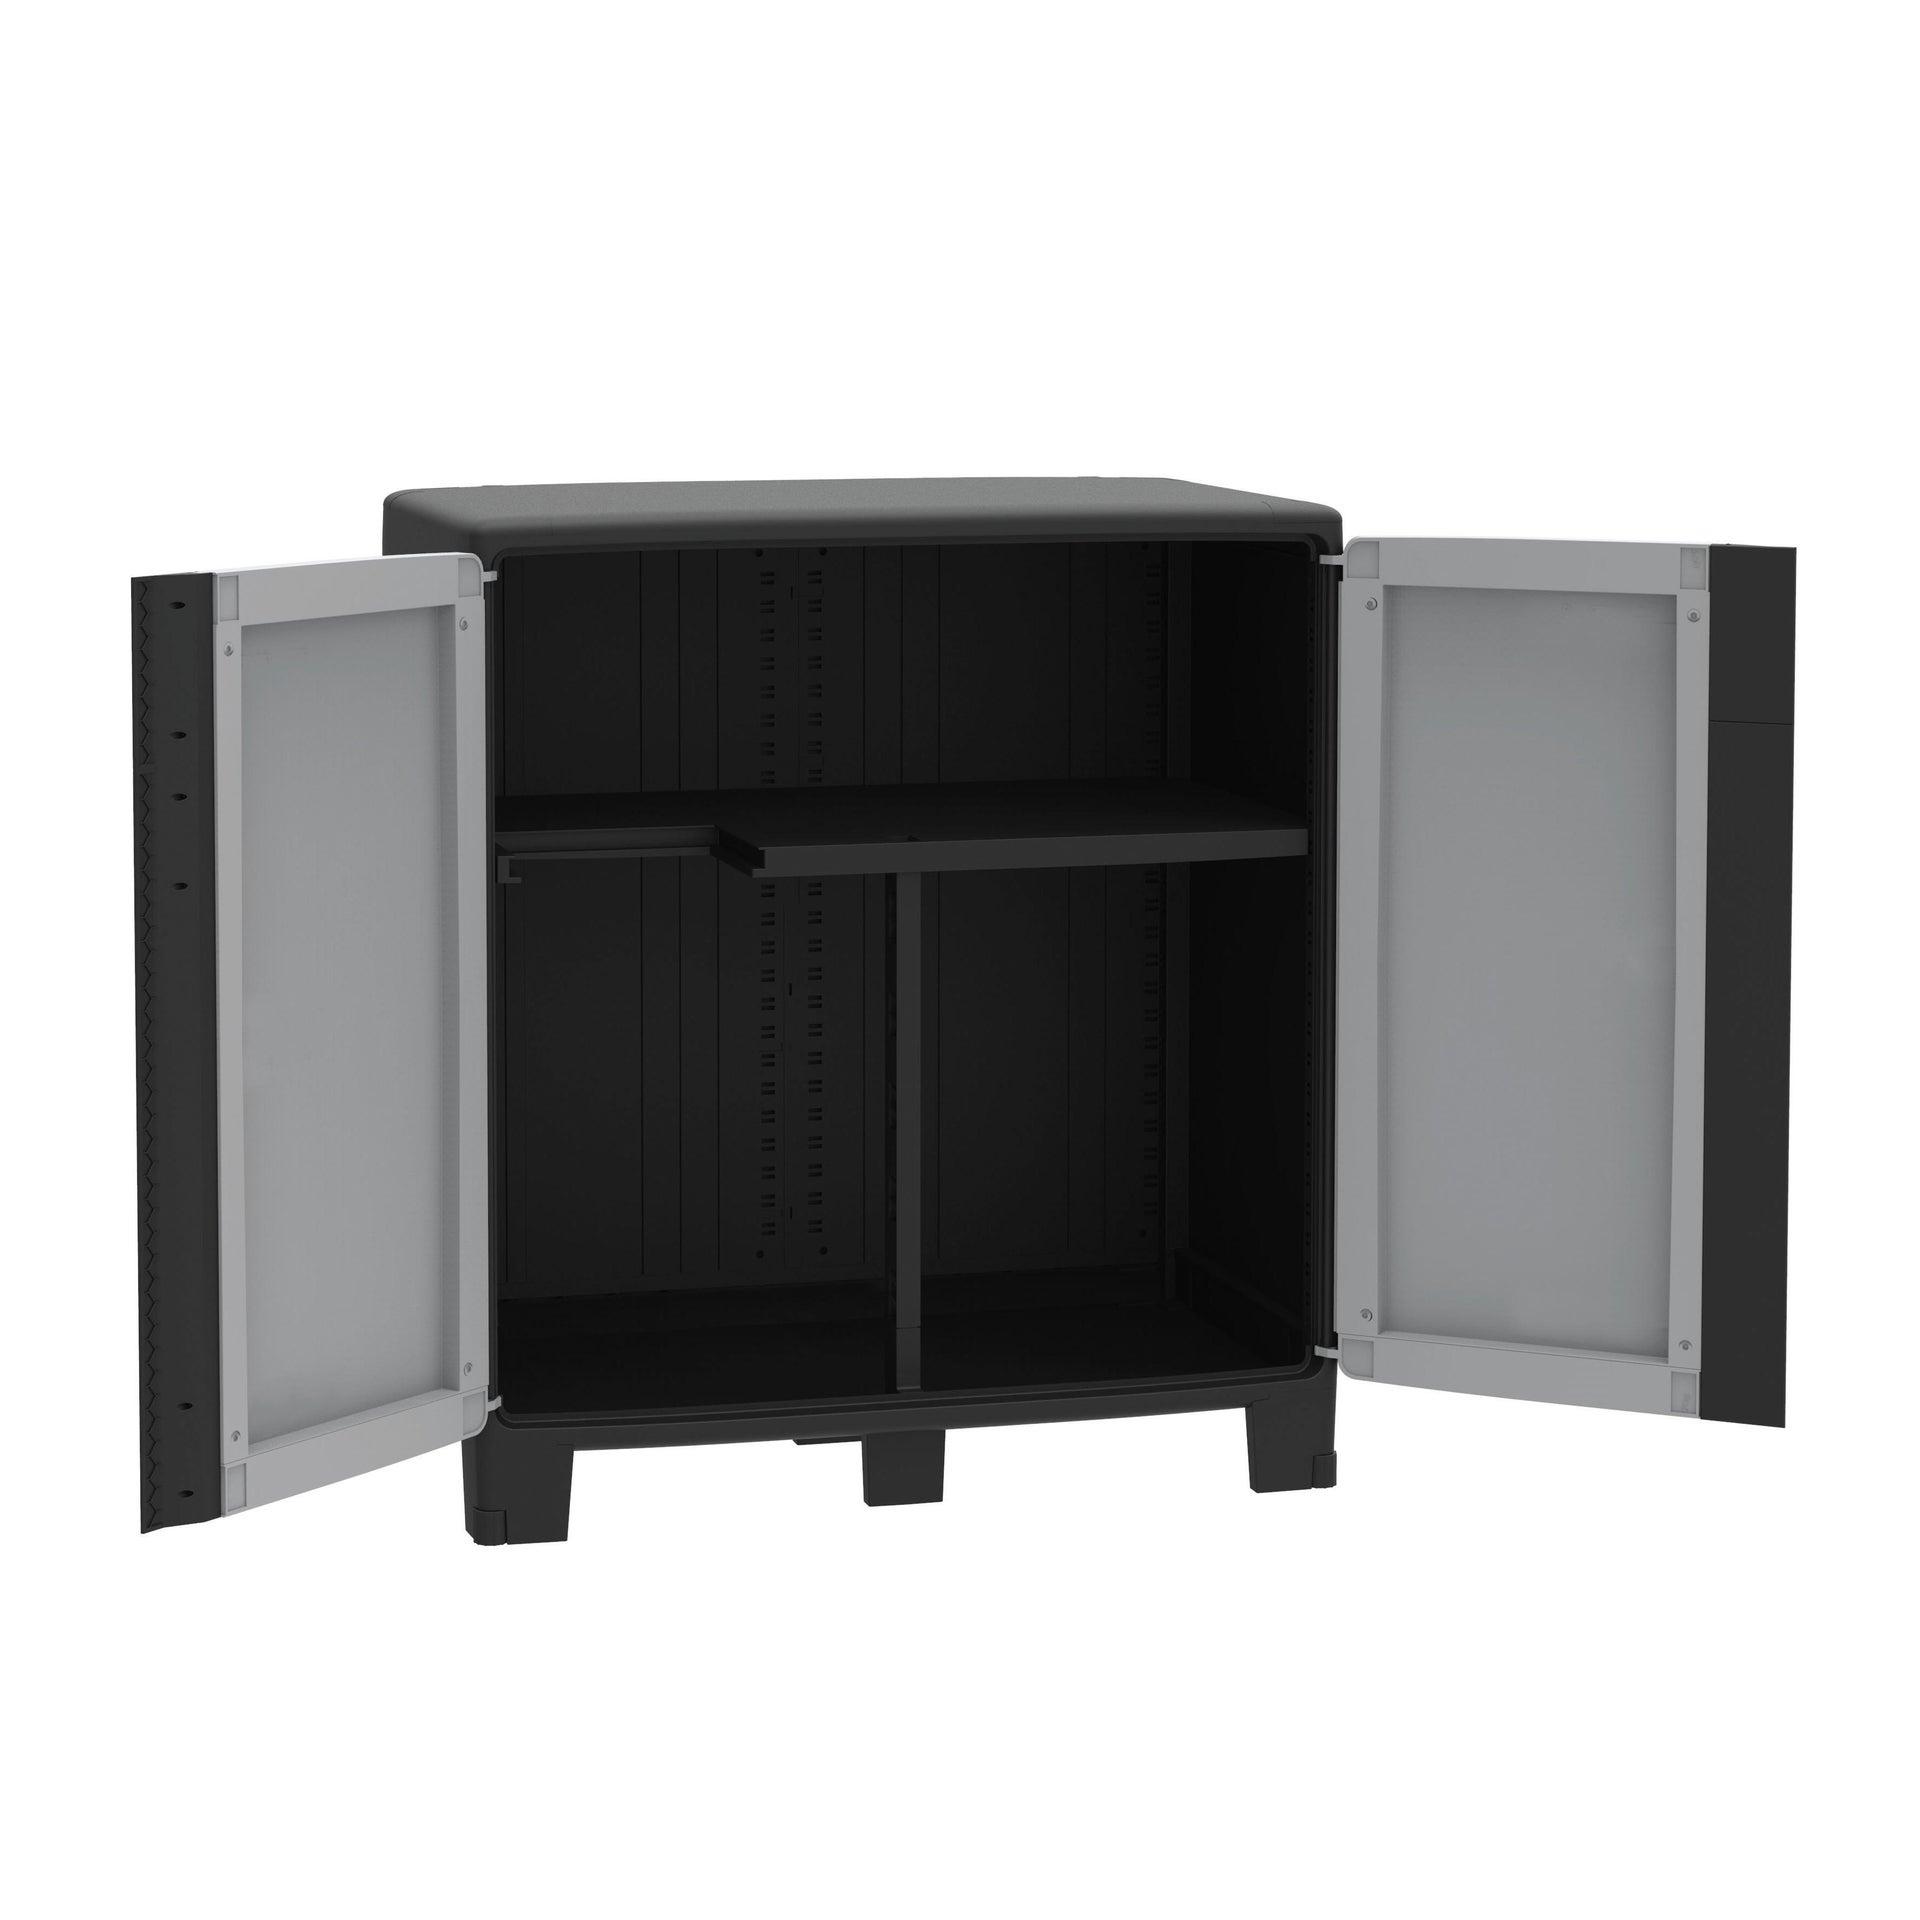 Armadio xl Spaceo cool L 85 x P 52 x H 93 cm grigio e nero - 5